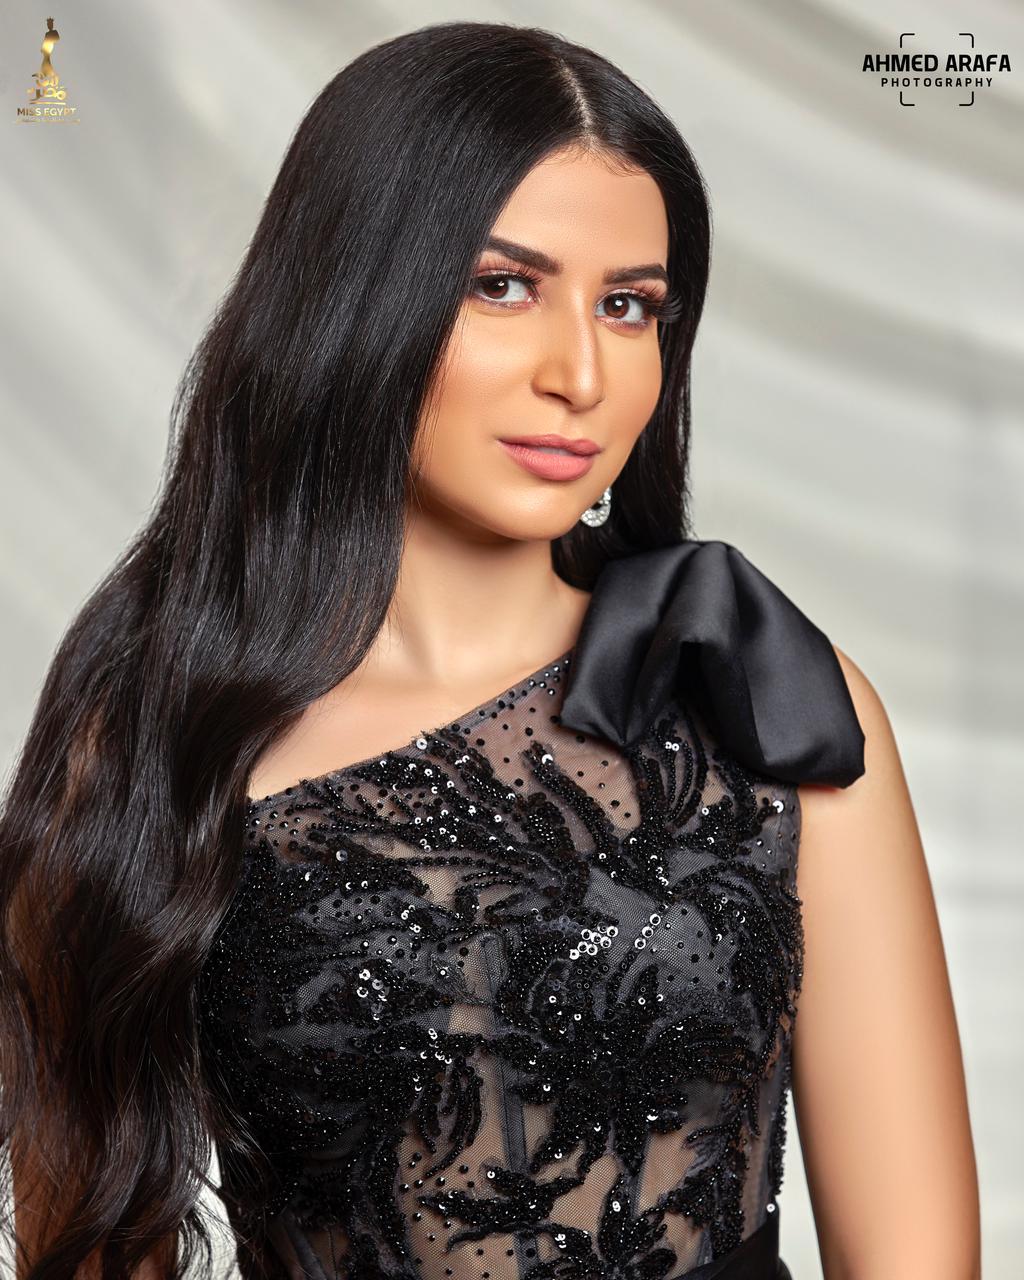 ملكة جمال مصر للسياحة والبيئة (5)